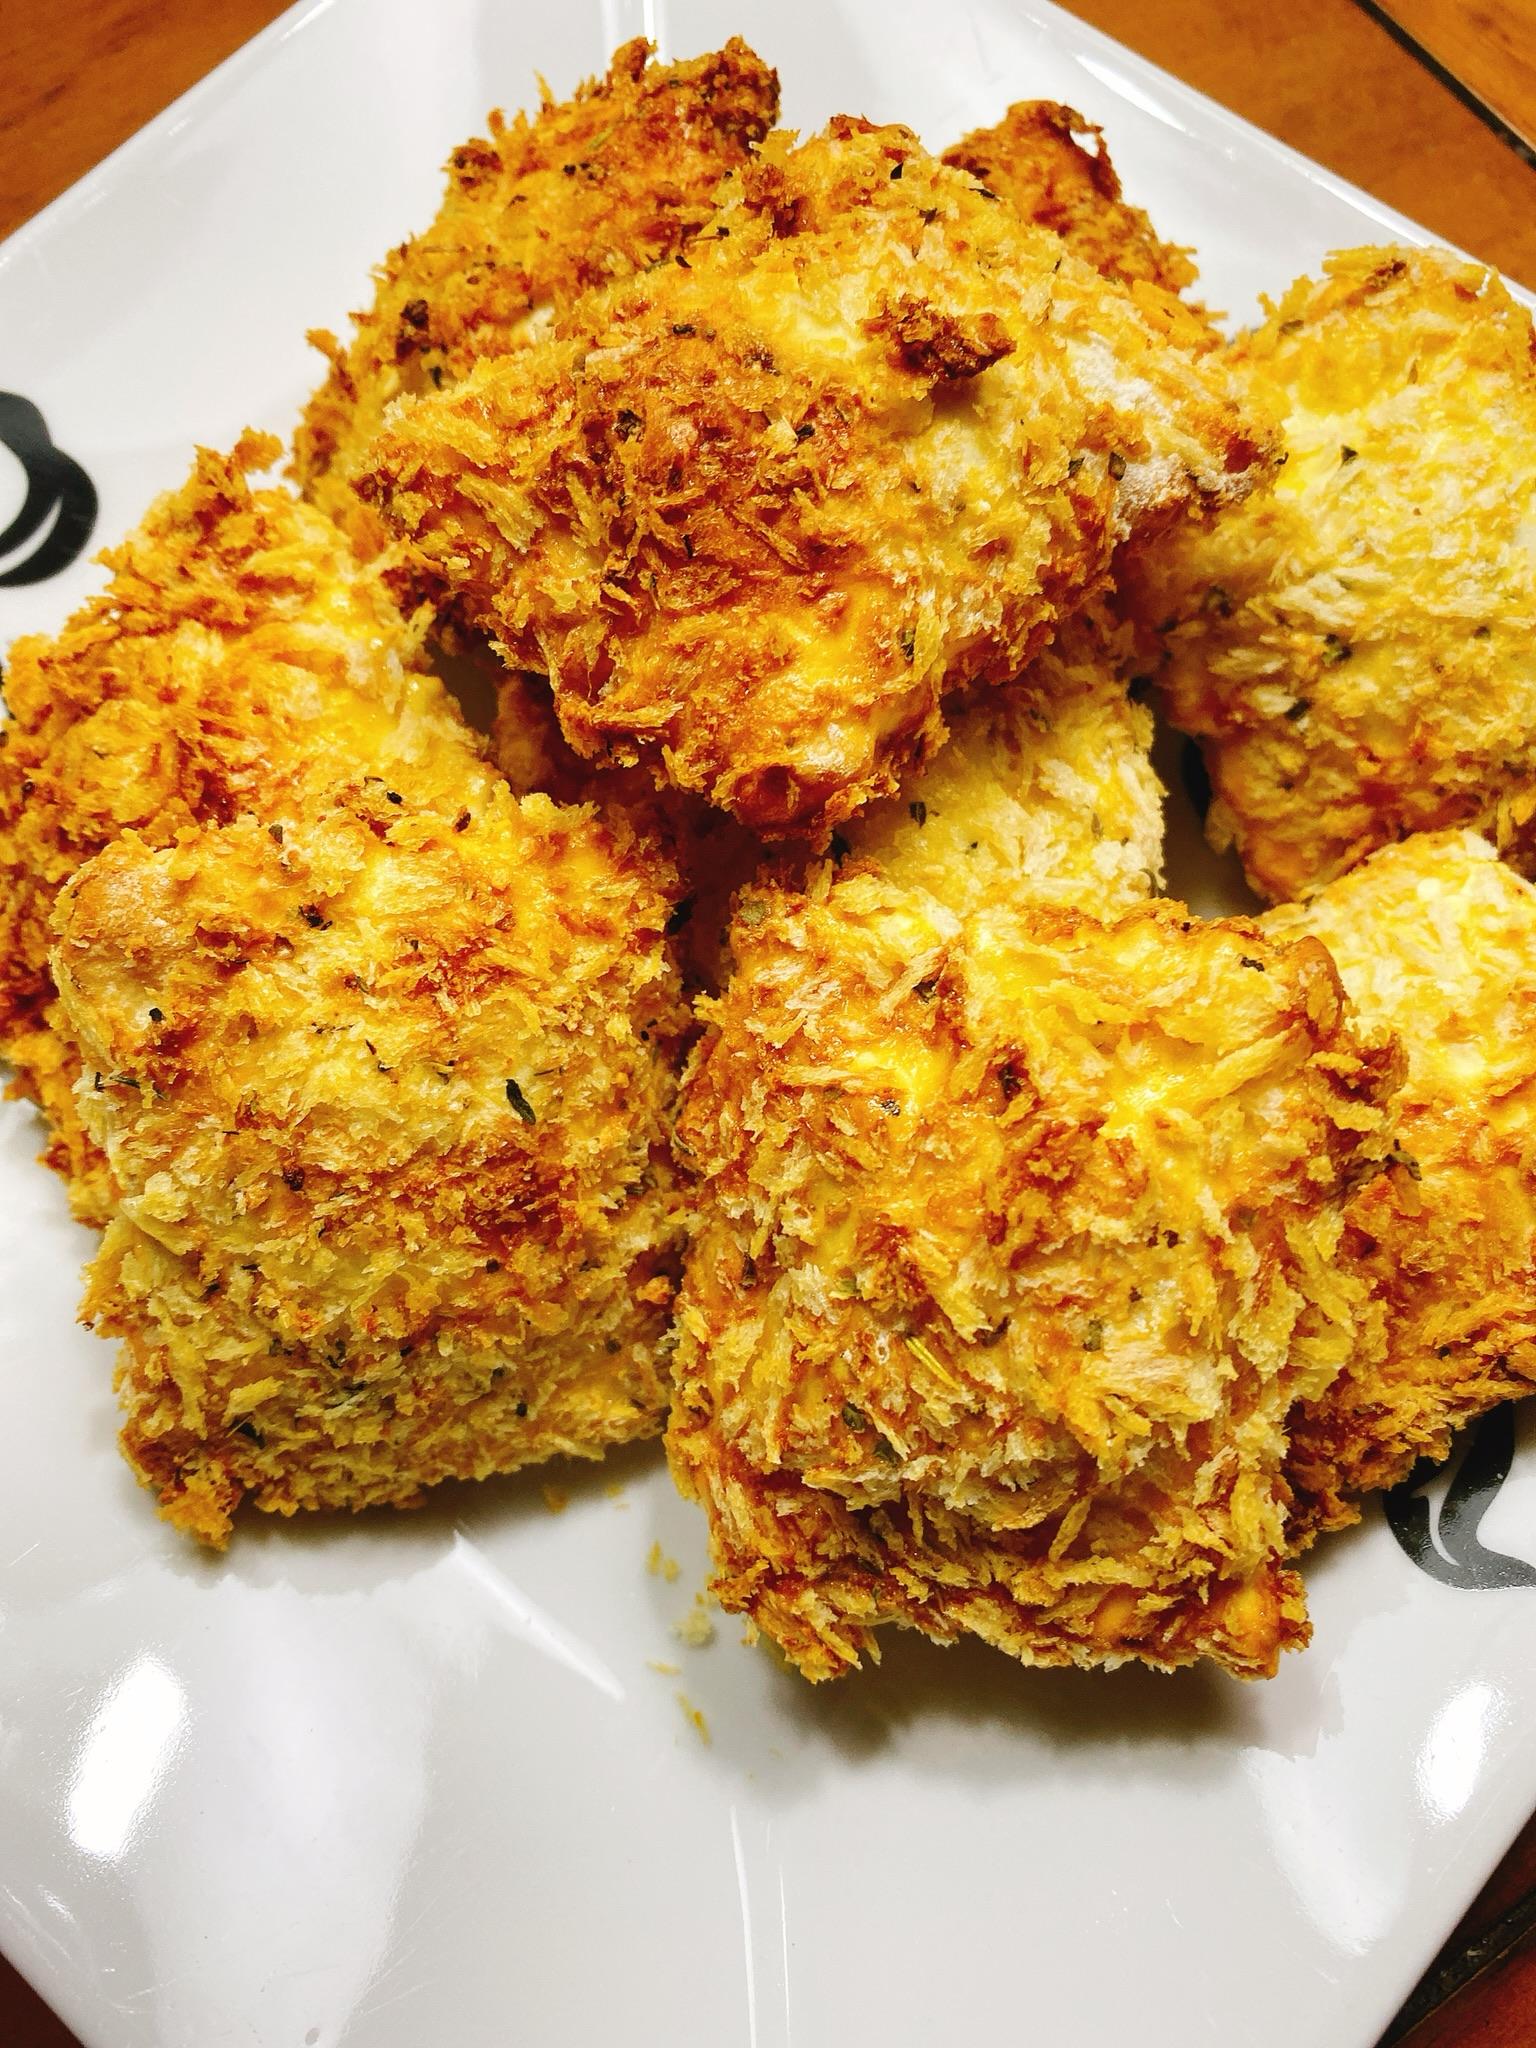 Crunchy Air-Fried Ravioli